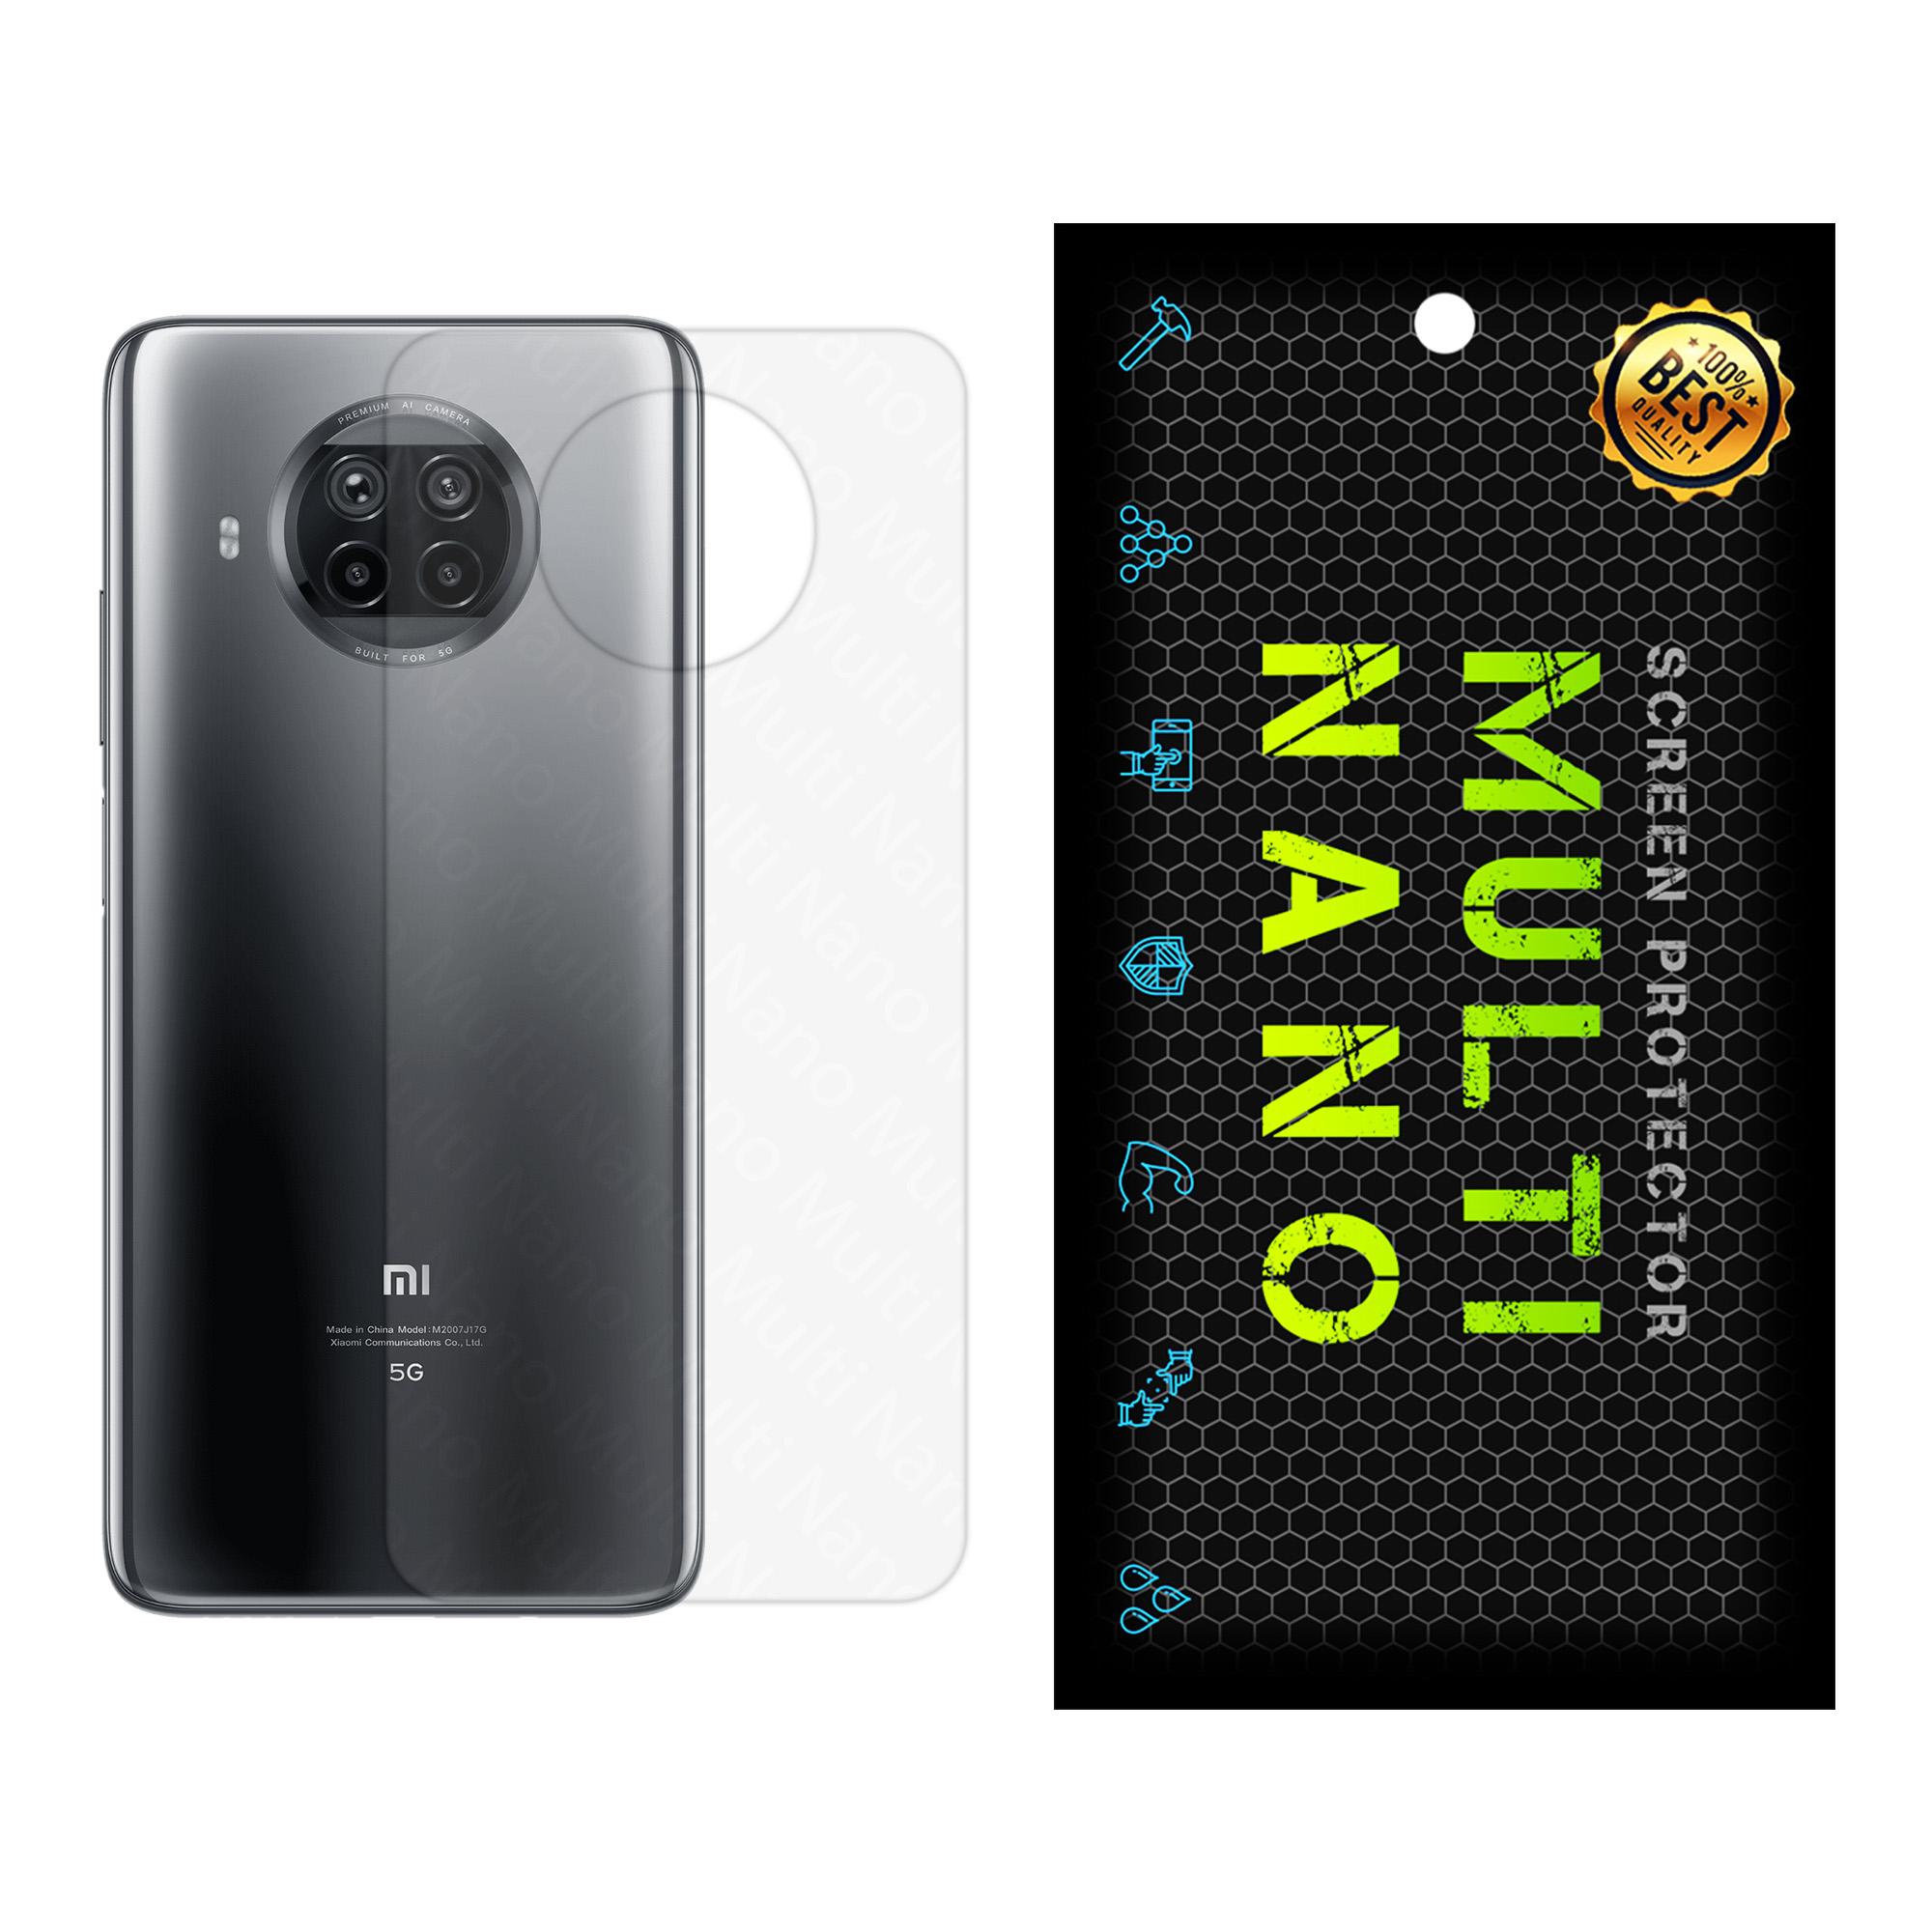 محافظ پشت گوشی مات مولتی نانو مدل Pro مناسب برای موبایل شیائومی Mi 10T Lite